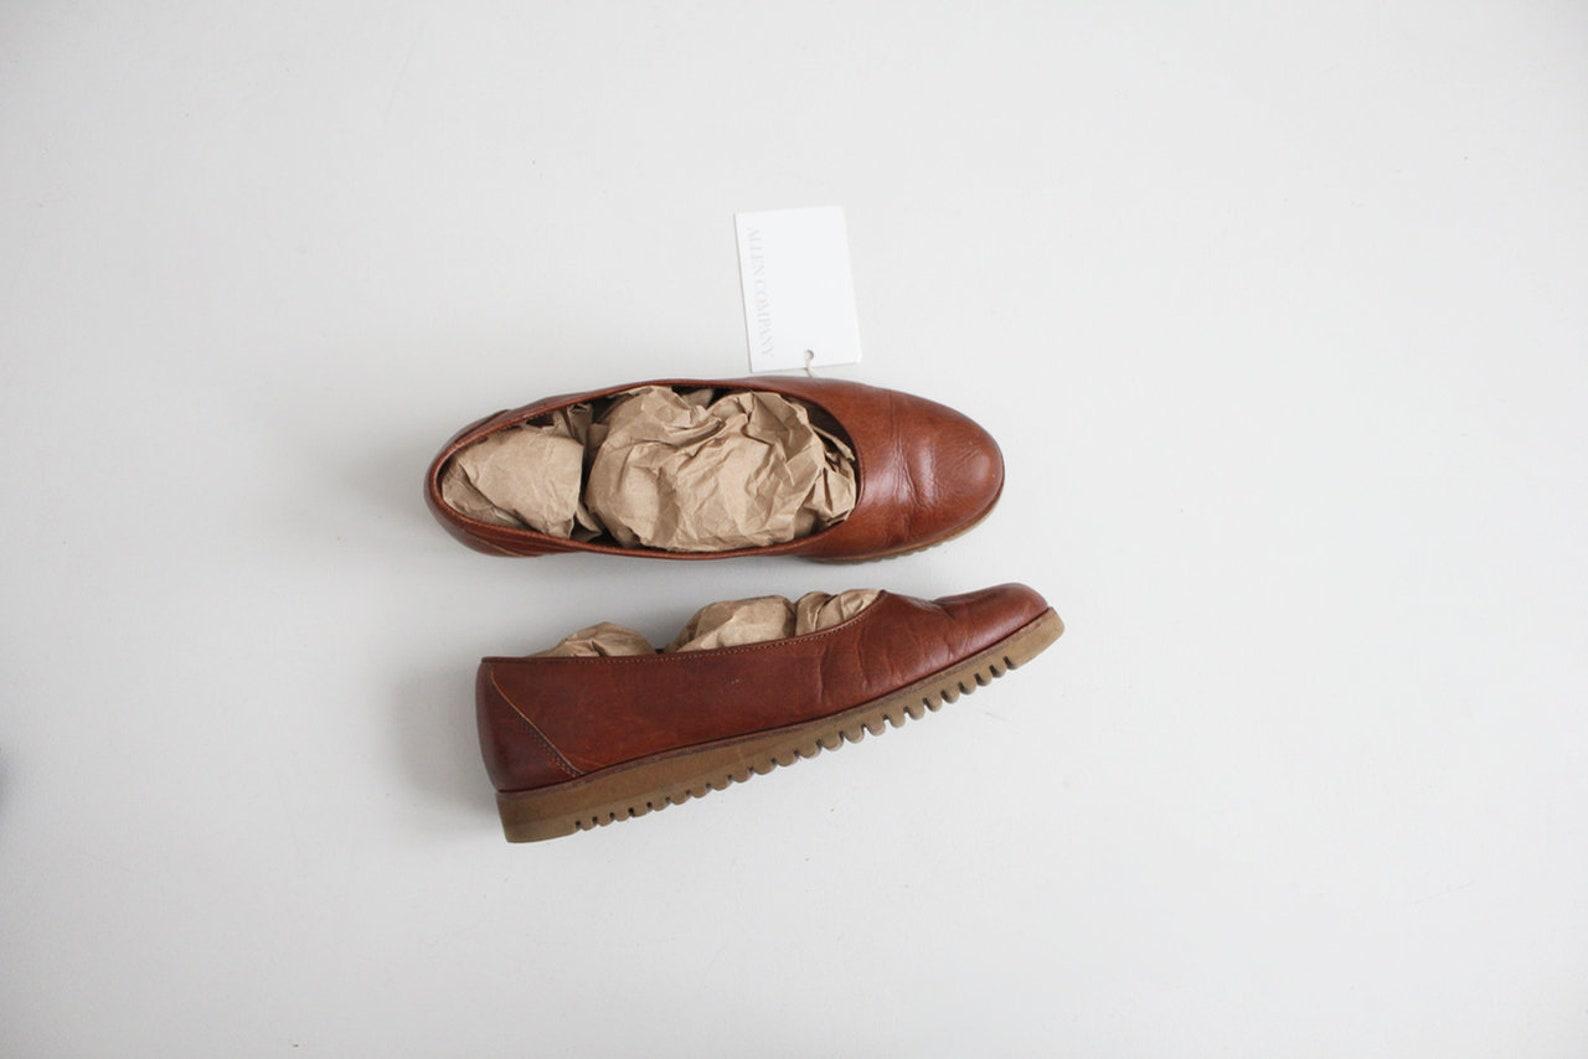 platform ballet flats | ballet flats 8.5 | brown leather flats